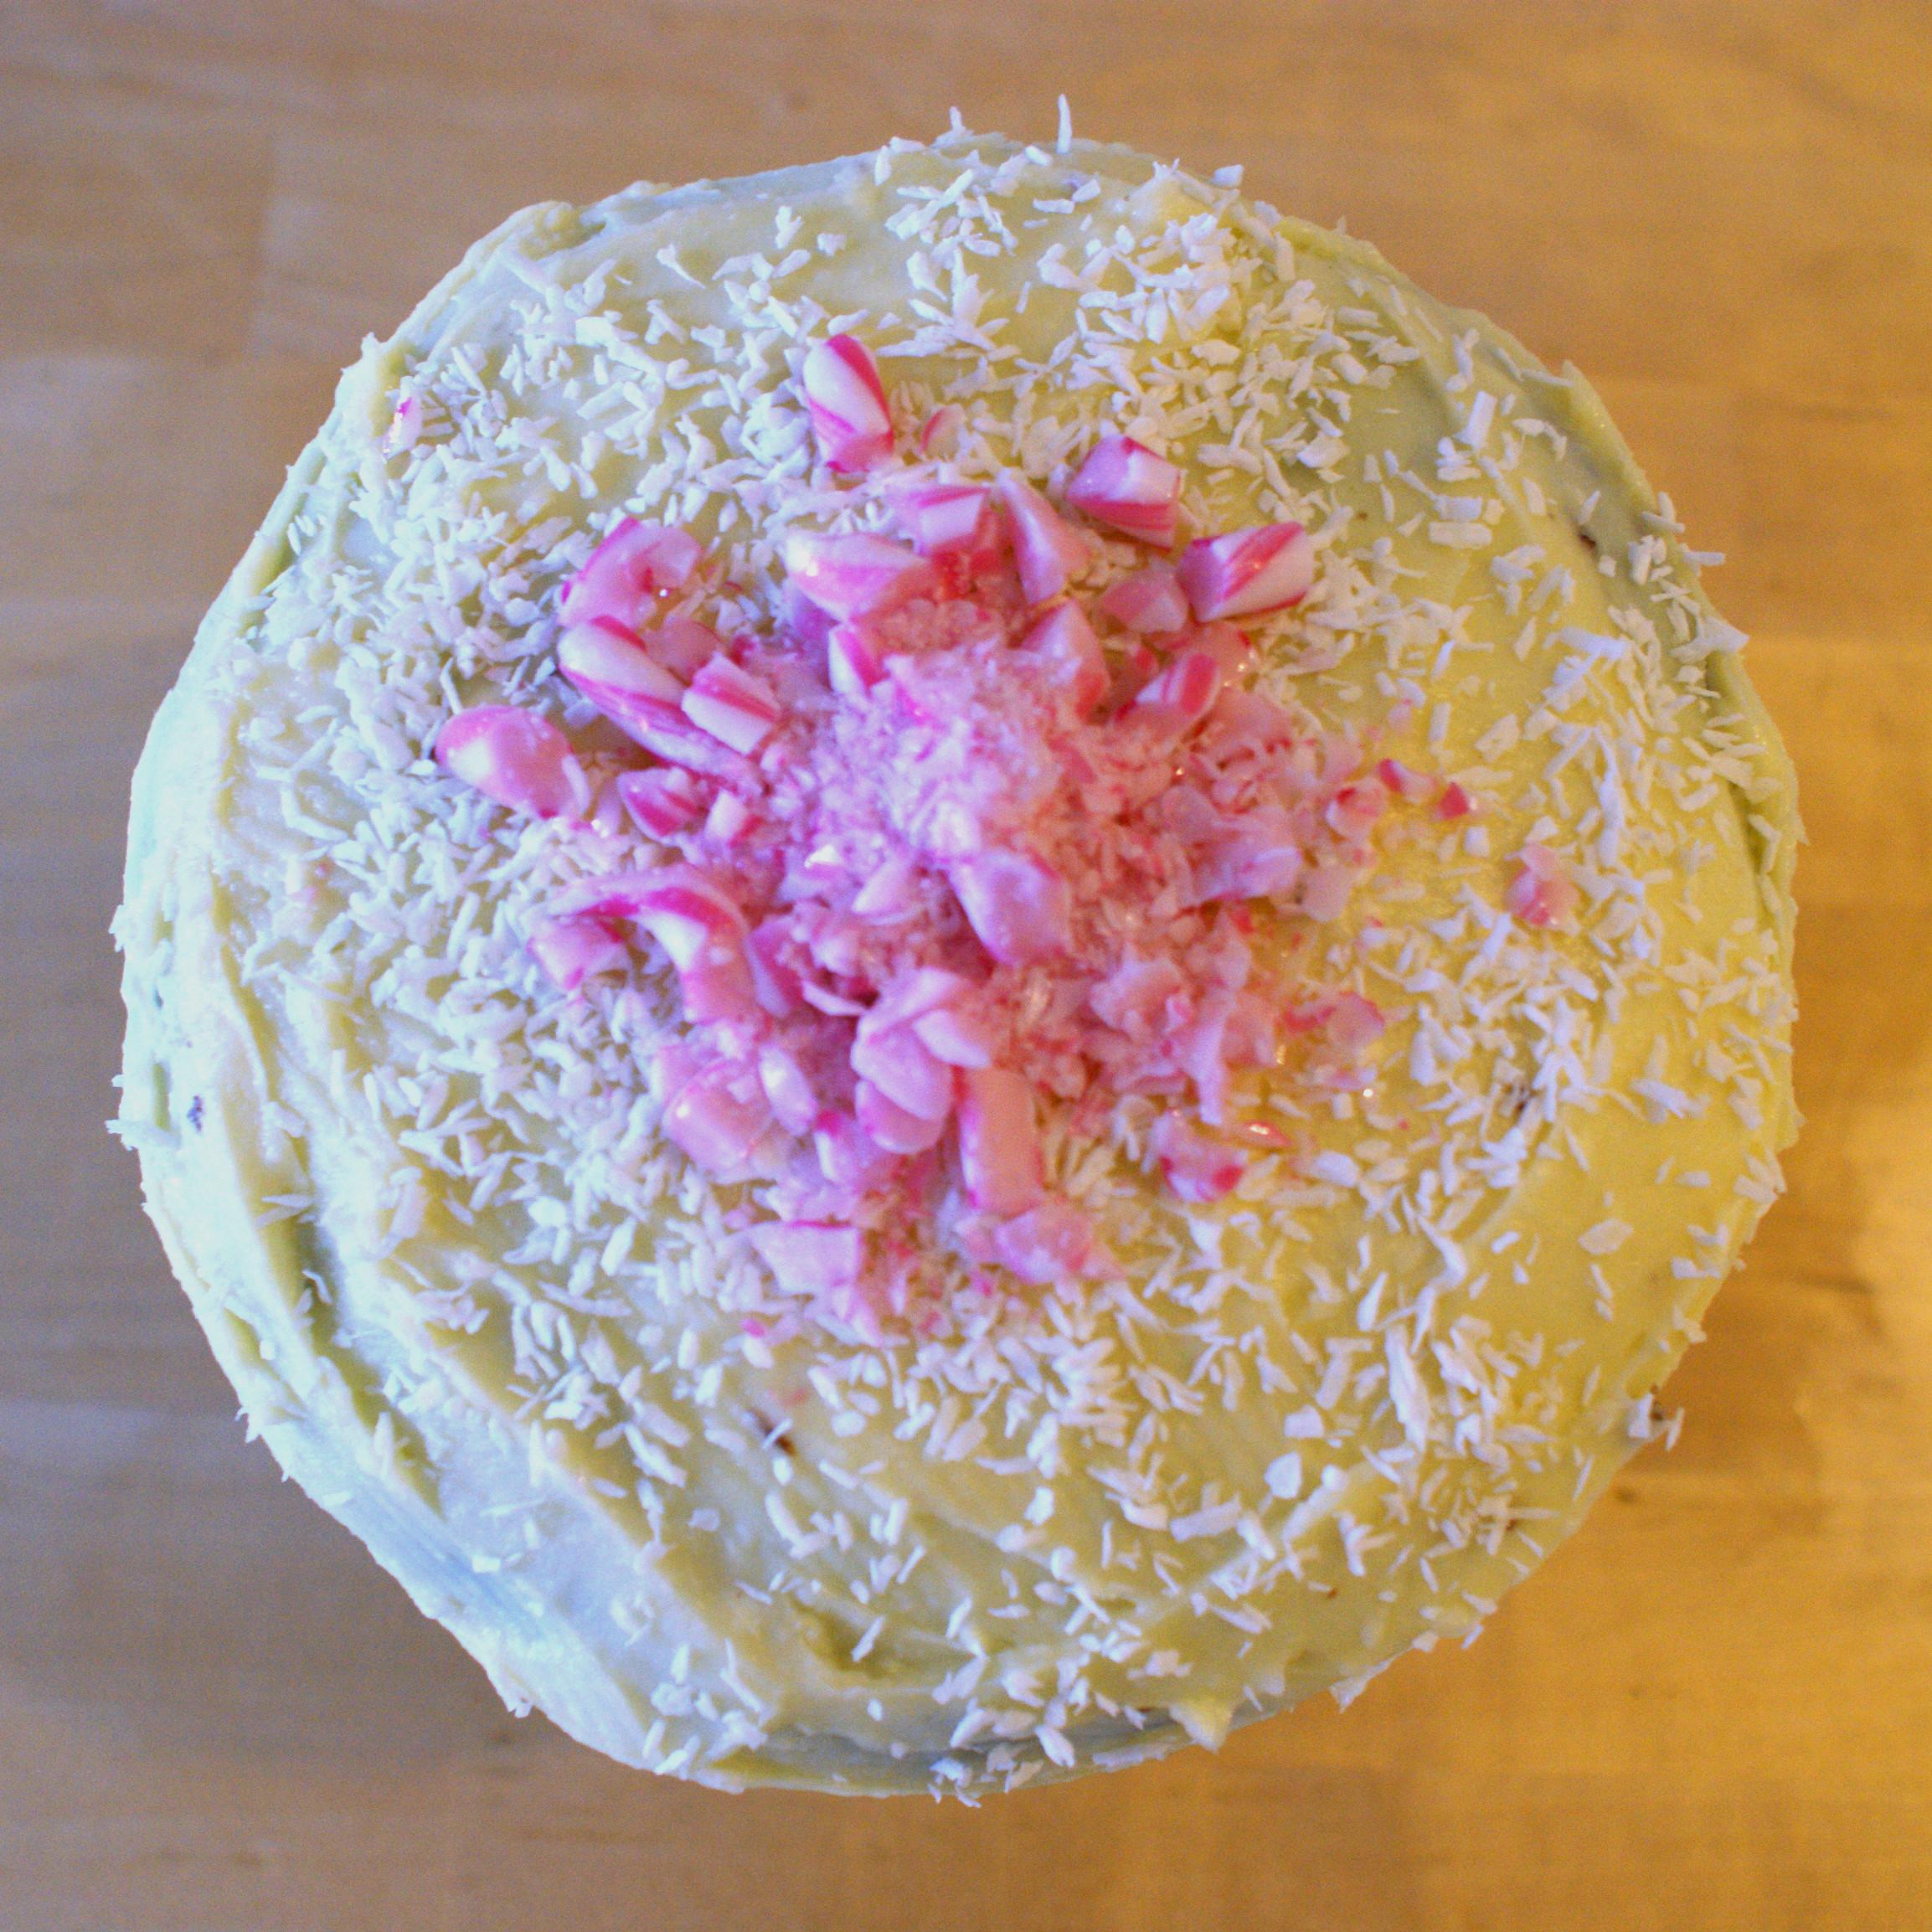 red_velvet_cake_4